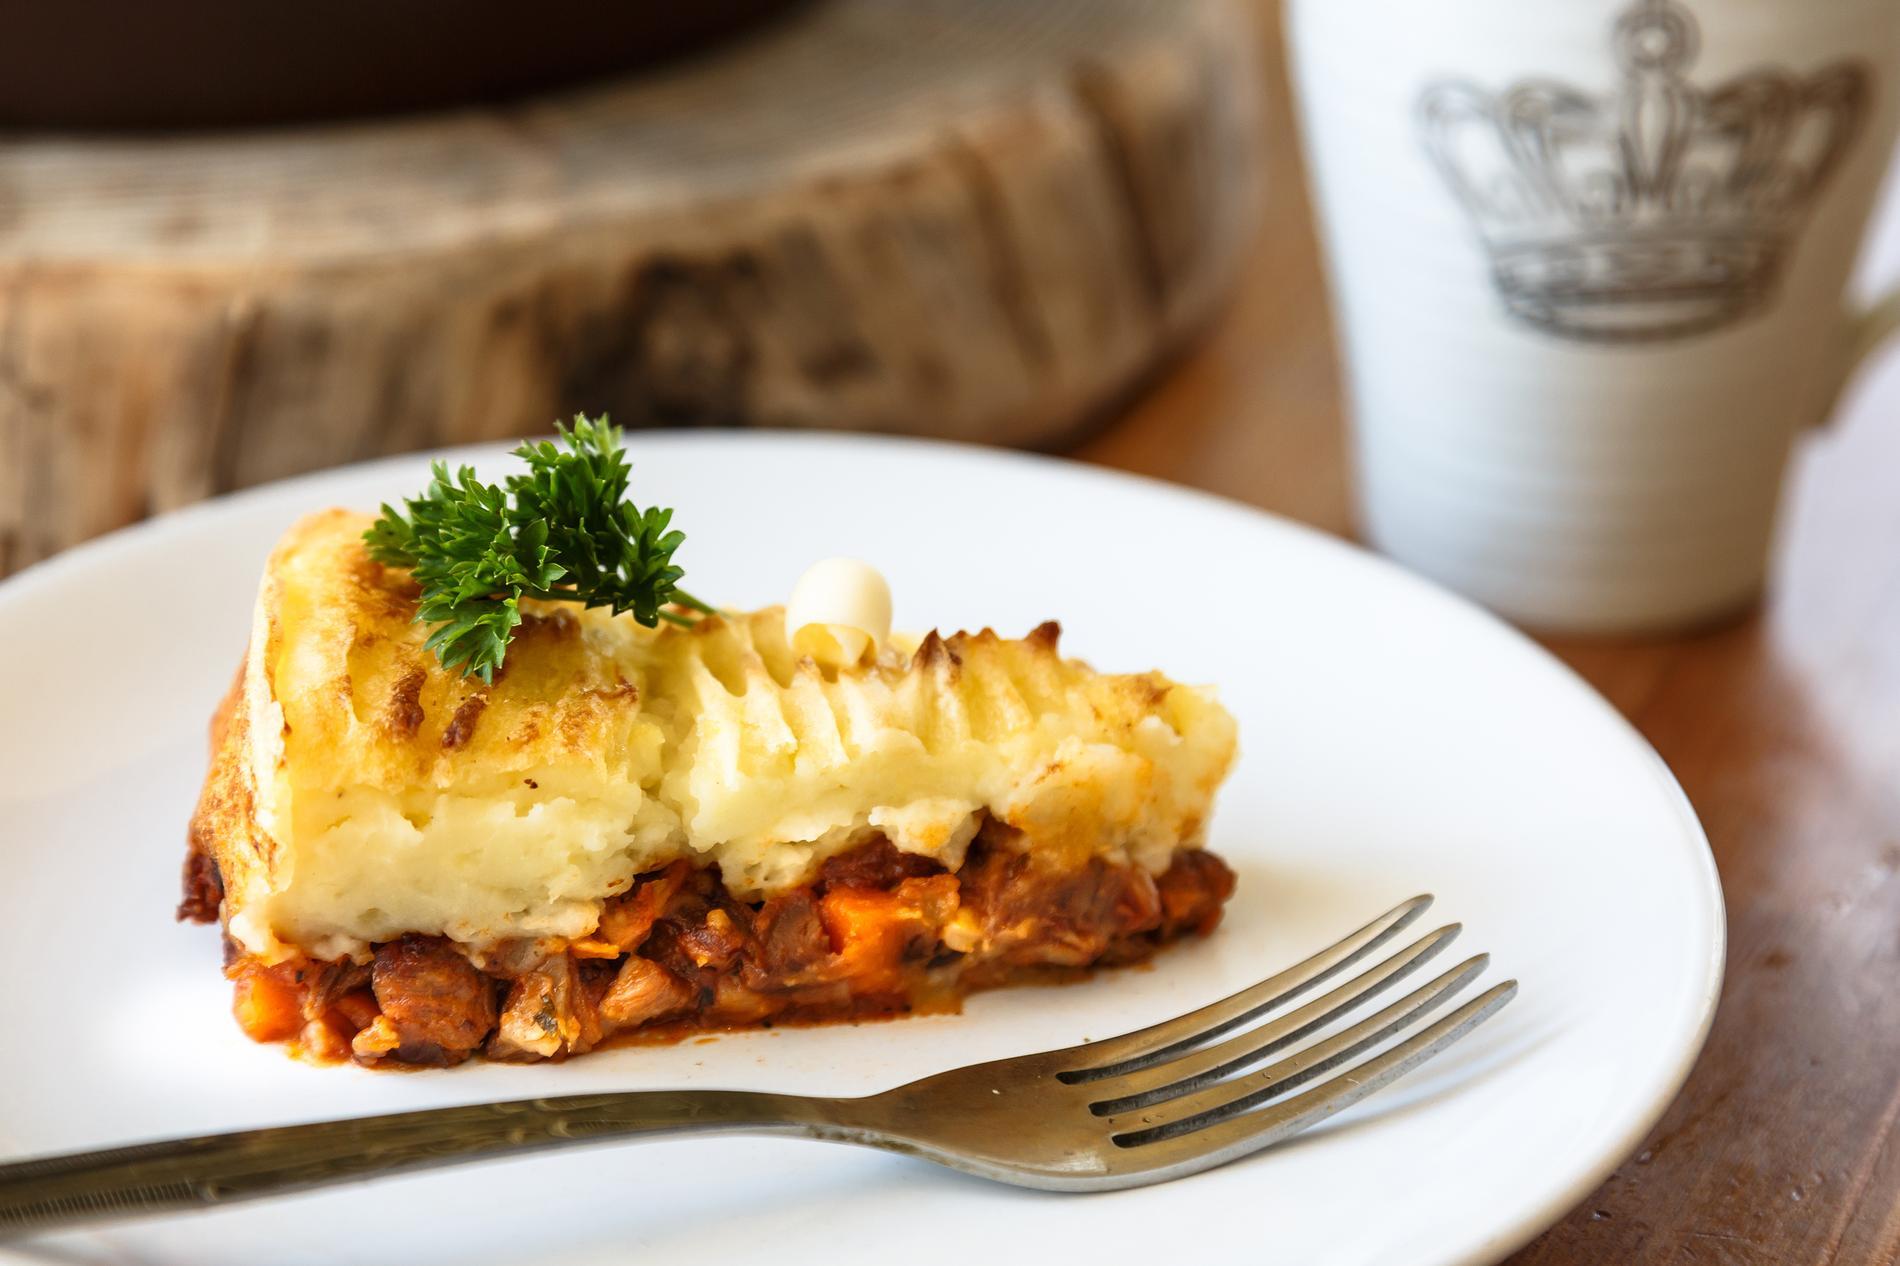 Recettes cuisine irlandaise recettes faciles et rapides - Cherche chef de cuisine ...